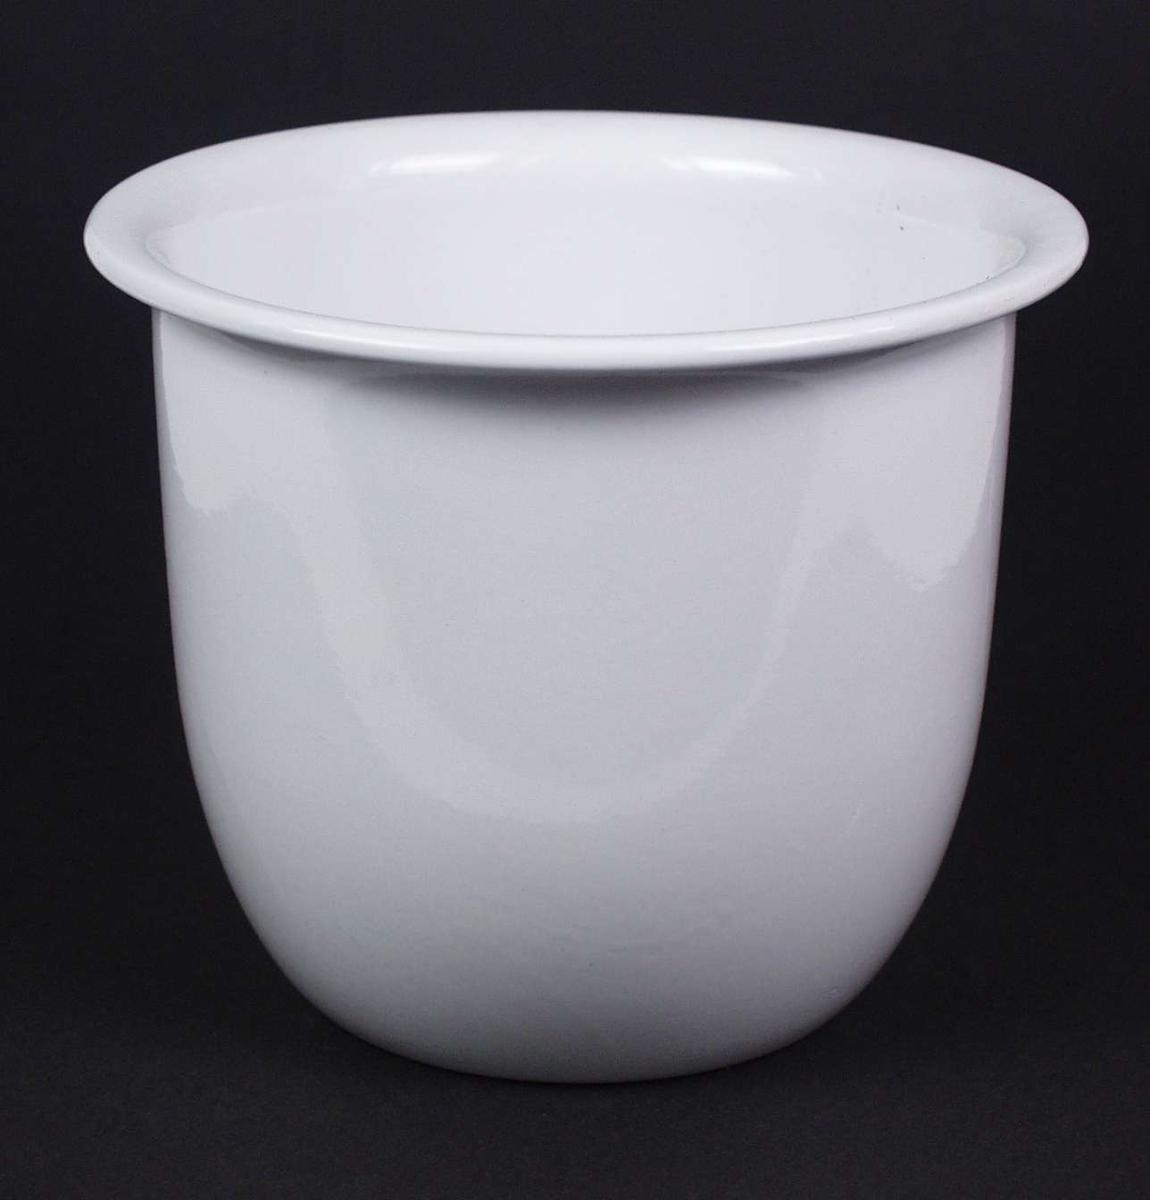 Hvit glasert potteskjuler i keramikk.